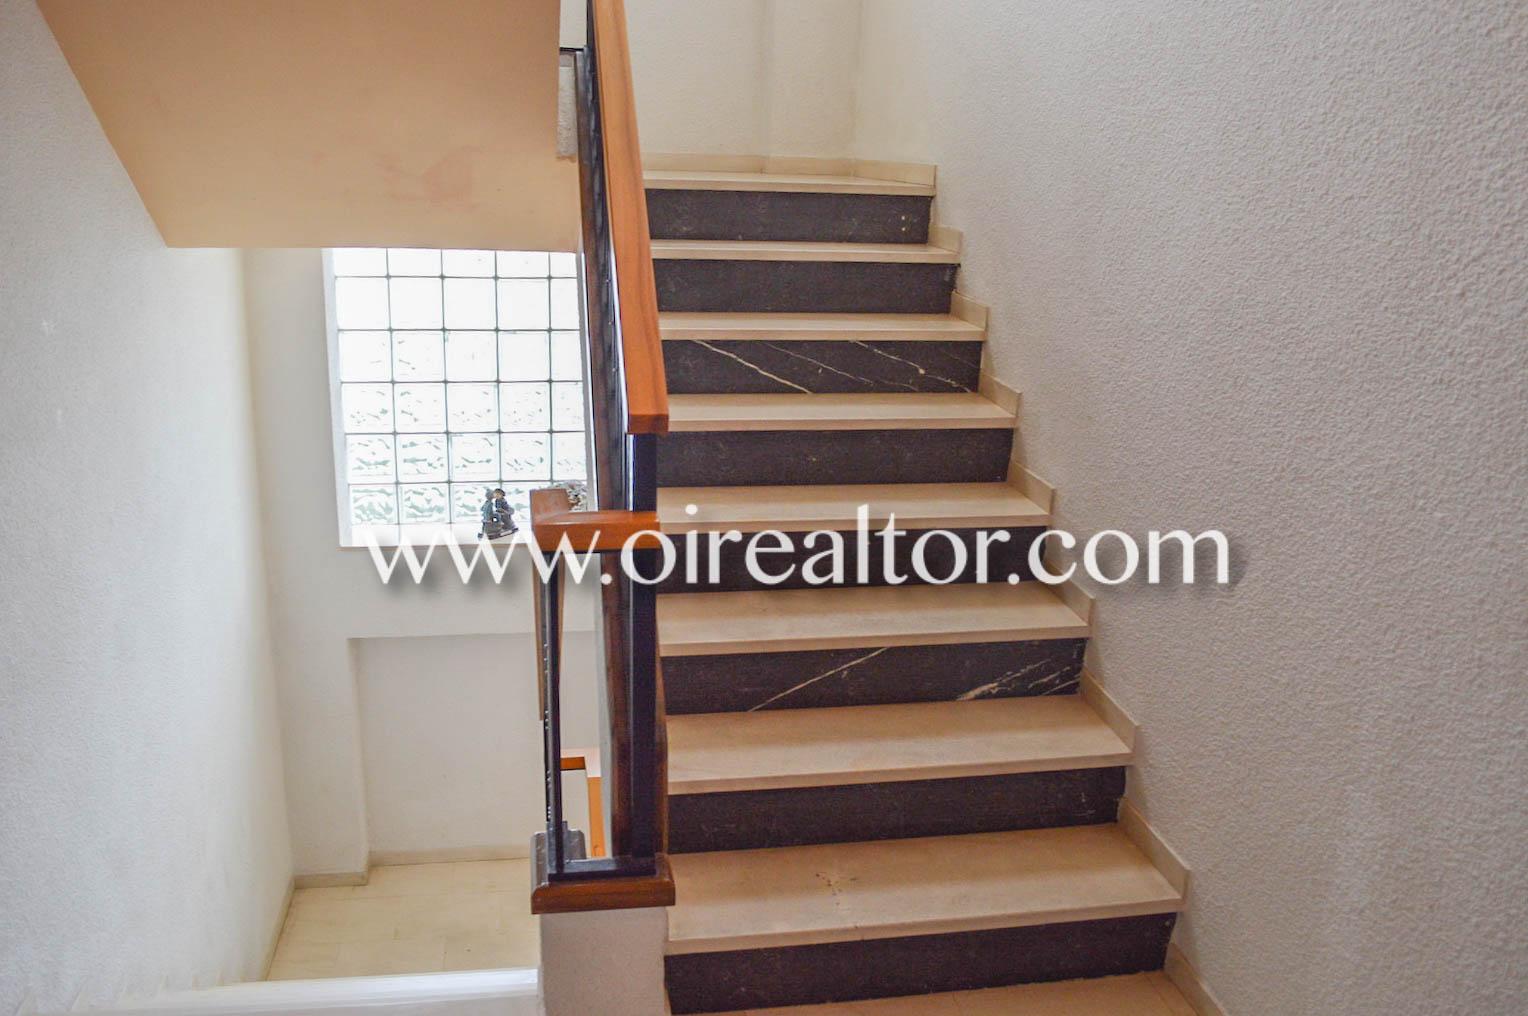 Продается квартира в Кабальито де Мар в Эмпуриабрава